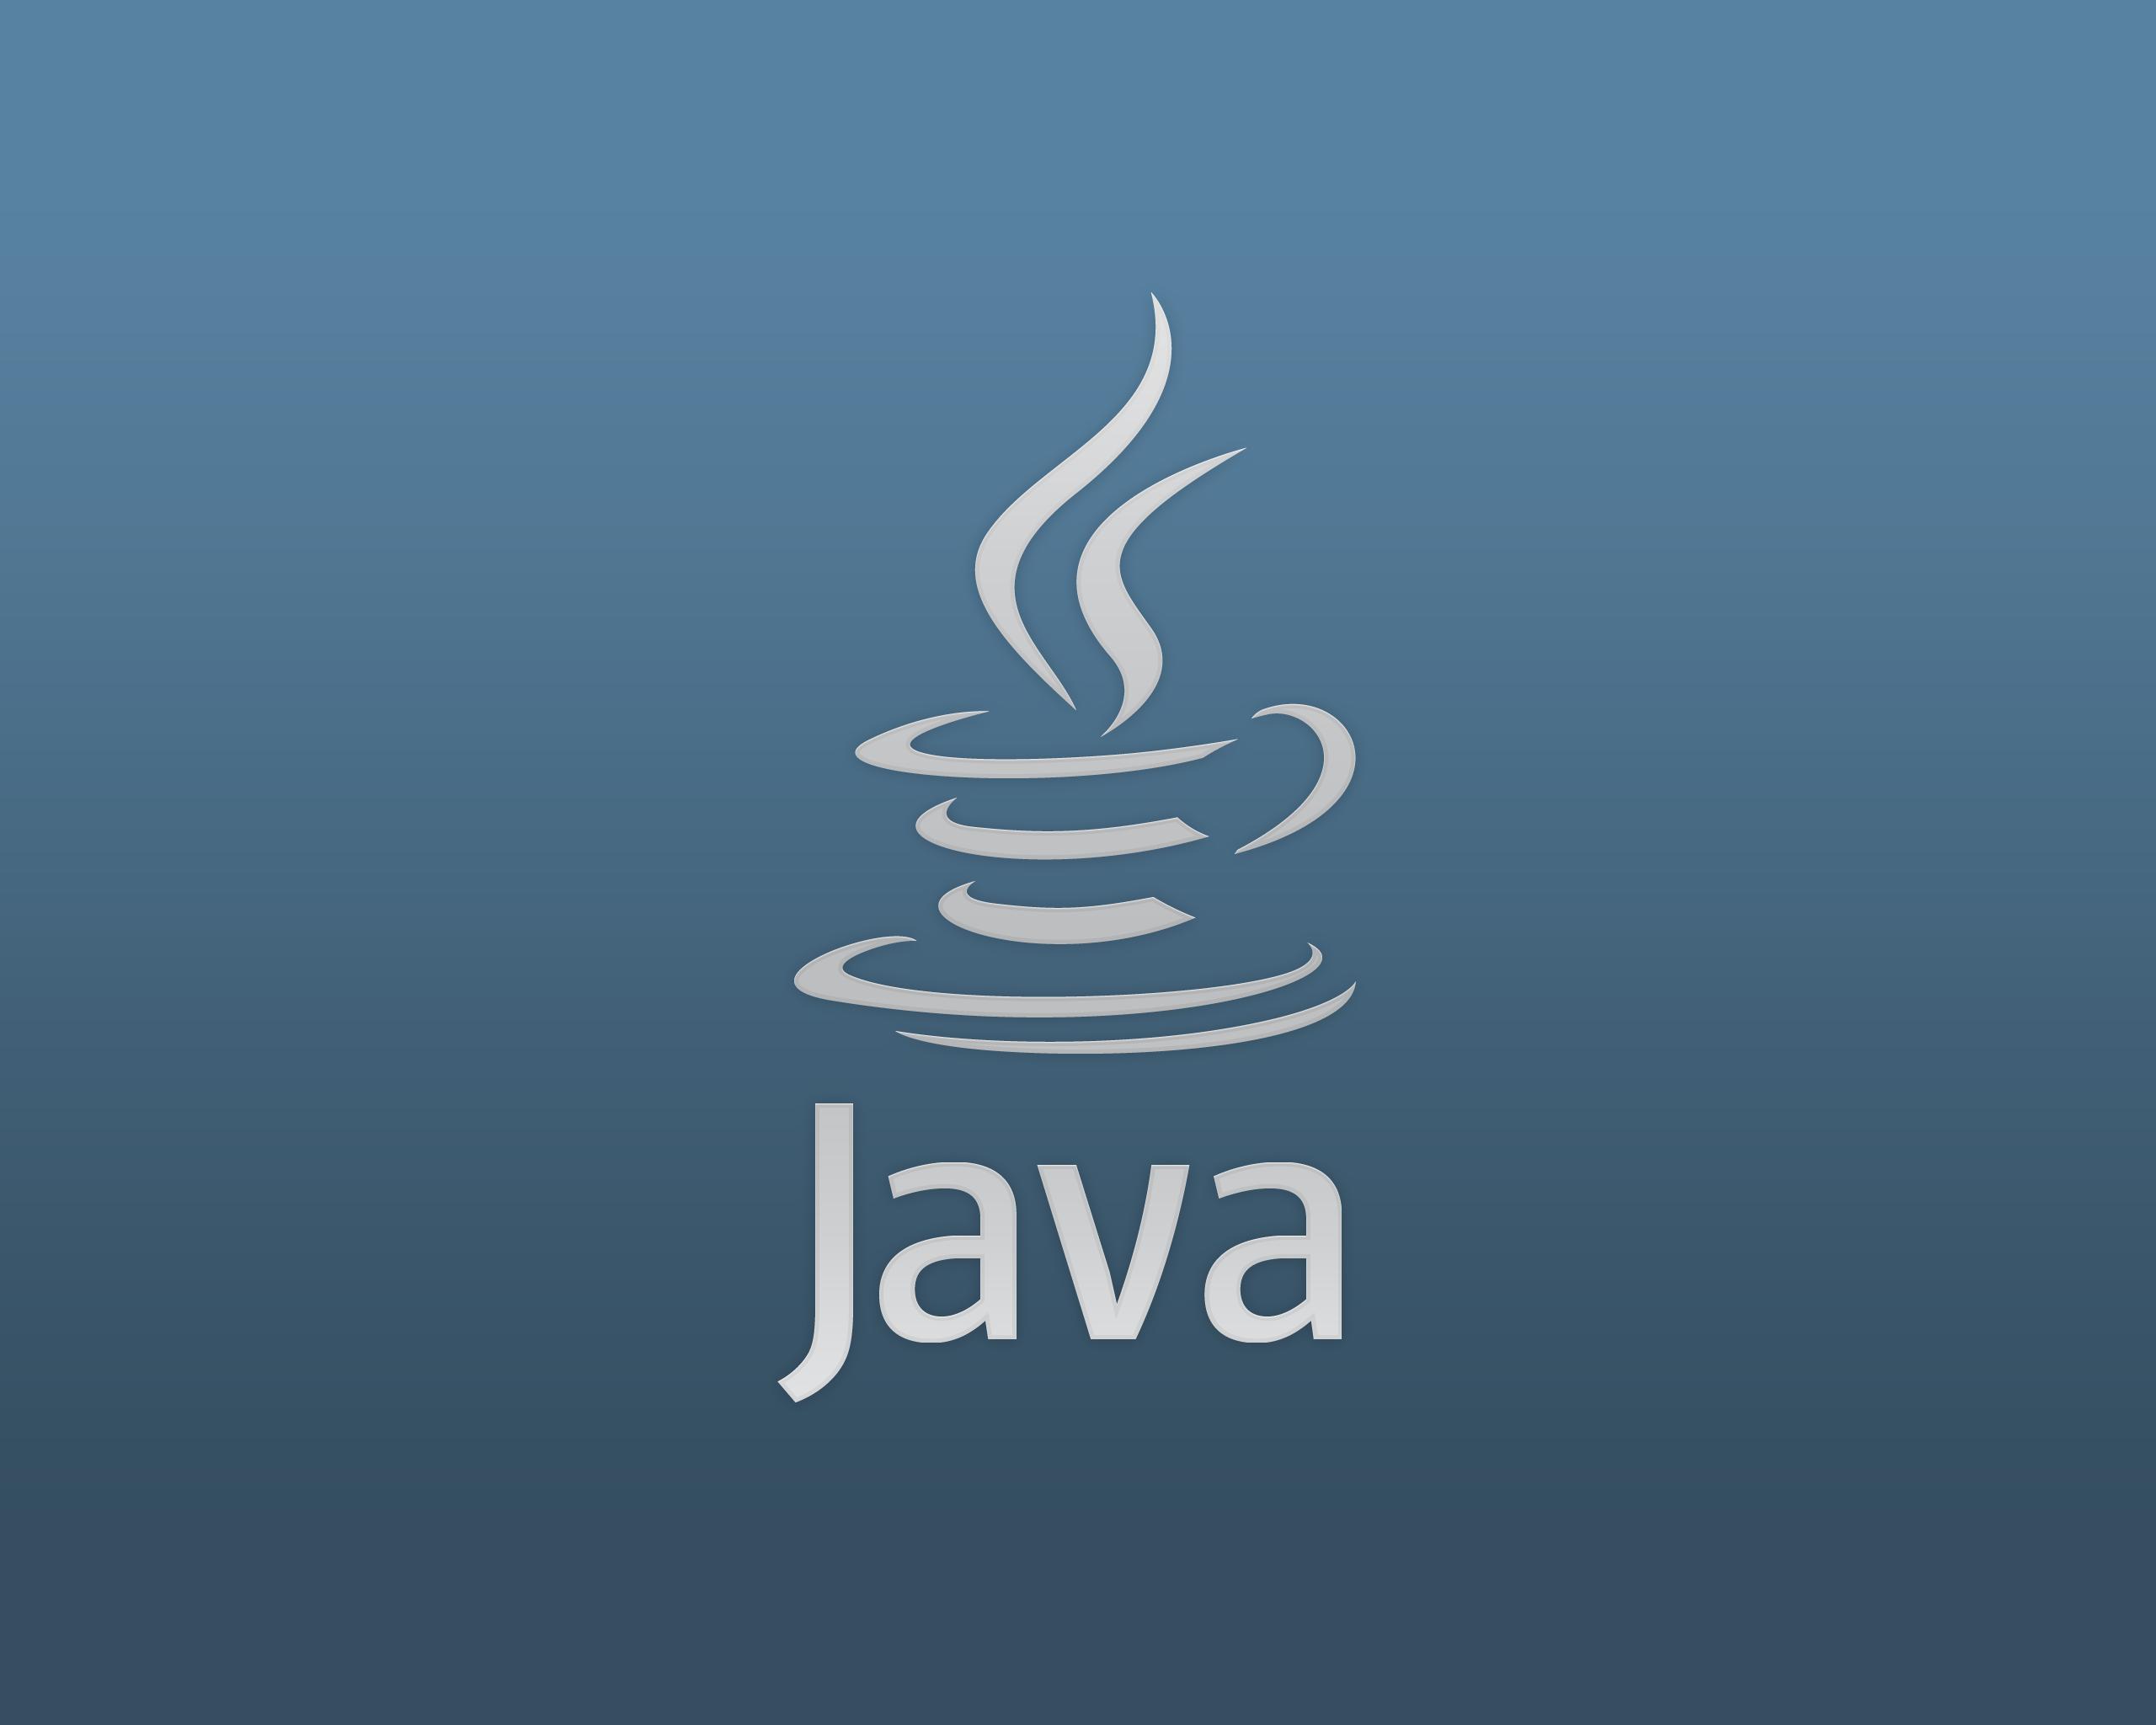 آموزش برنامه نویسی جاوا Java در کرج|برنامه نویسی جاوا |آموزشگاه برنامه نویسی Java کرج